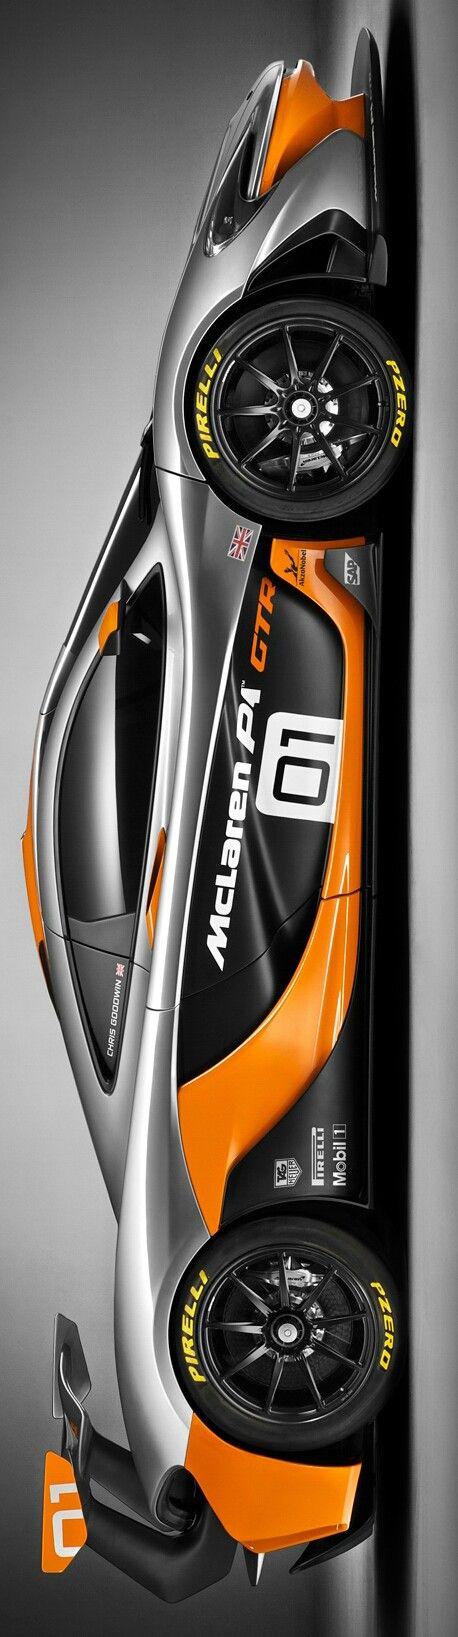 McLaren P1 GTR by Levon